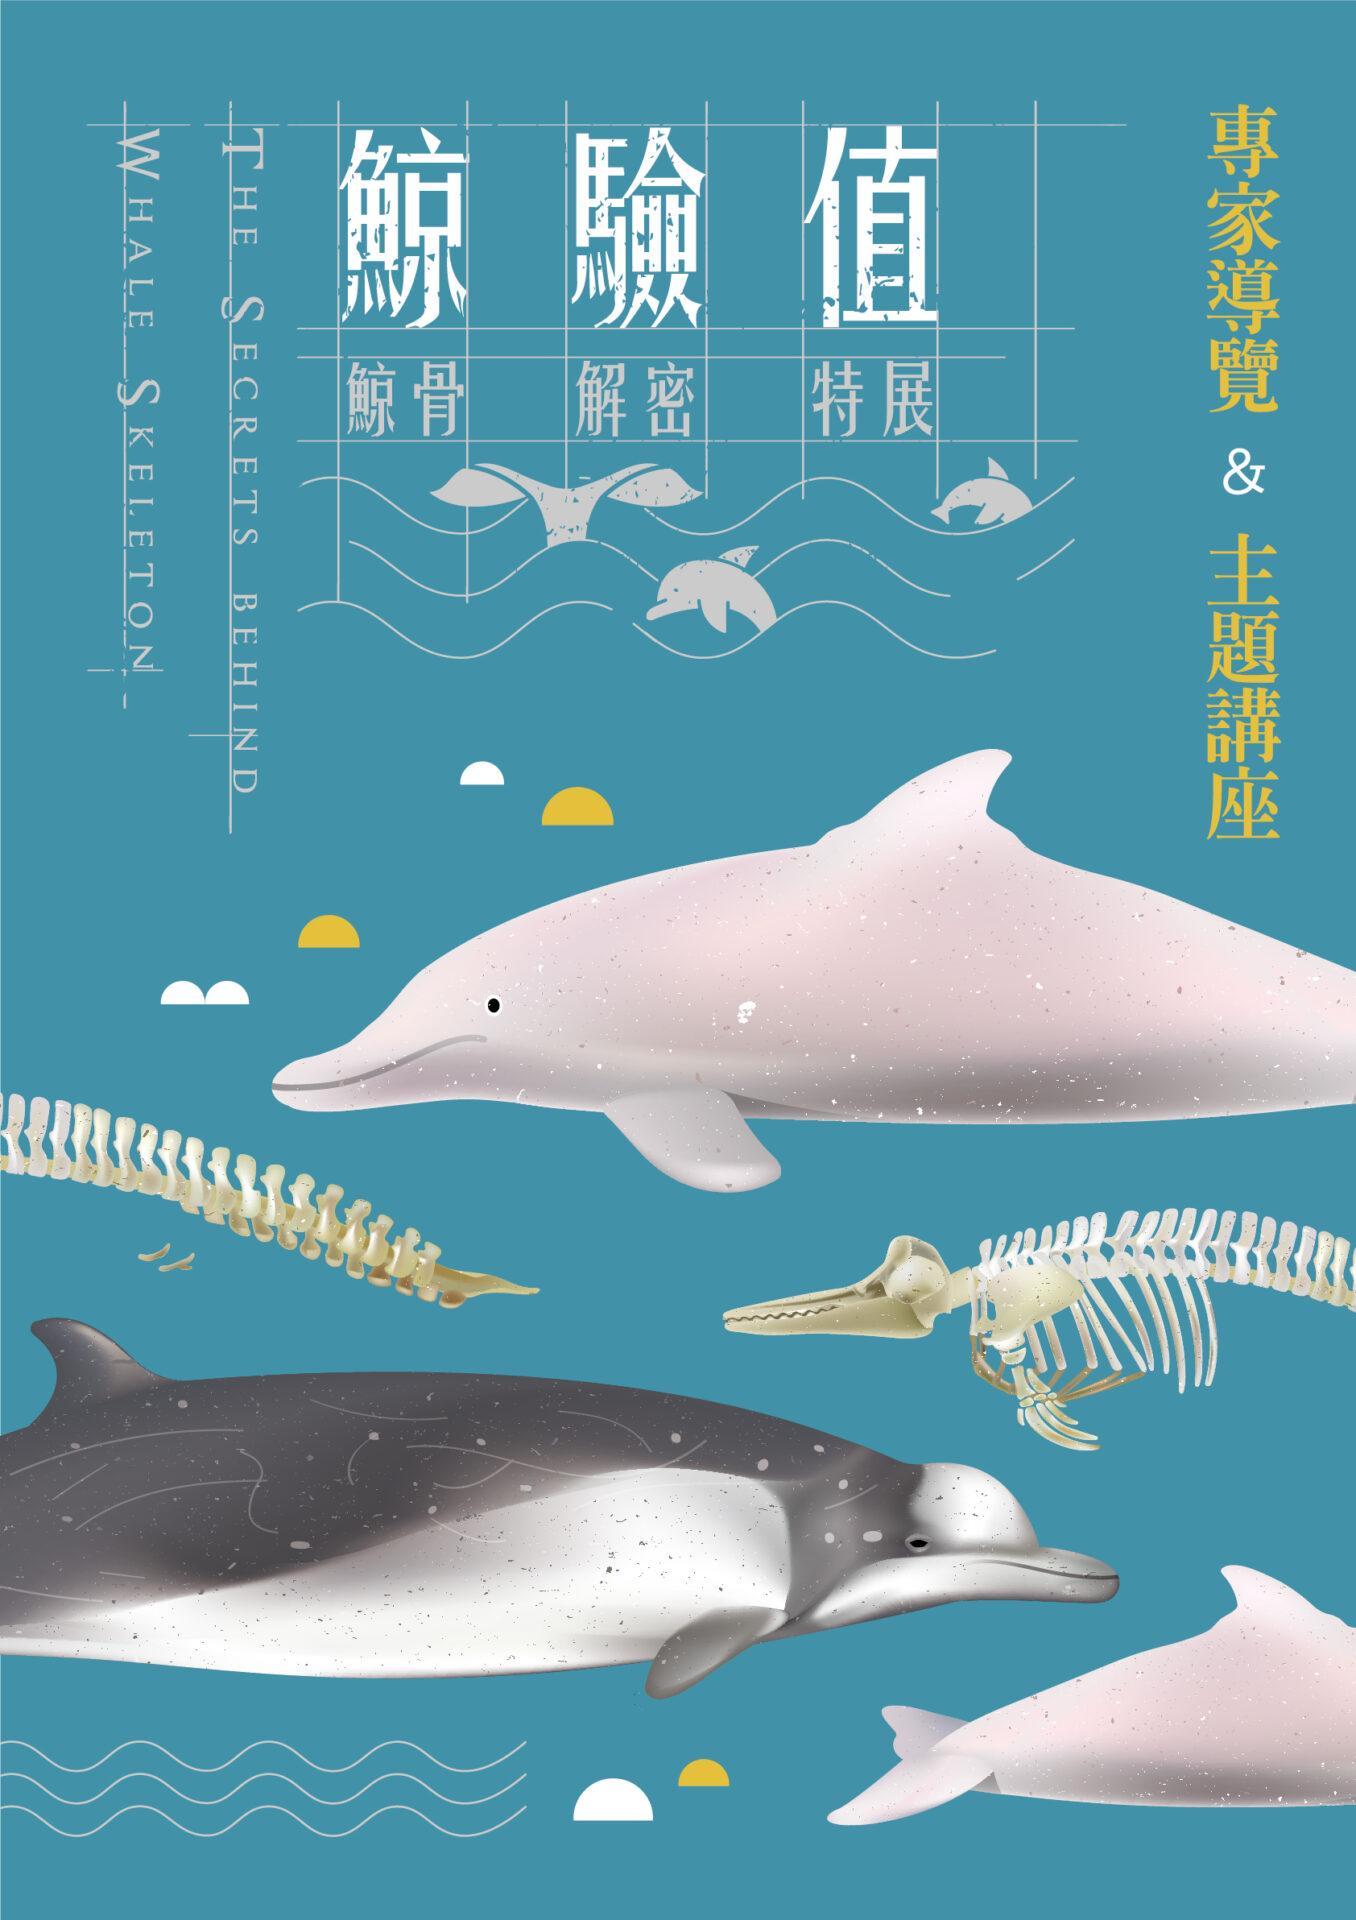 國立臺灣博物館:2021/3/13【「鯨驗值特展」主題講座-骨鯨事:博物館裡的抹香鯨】